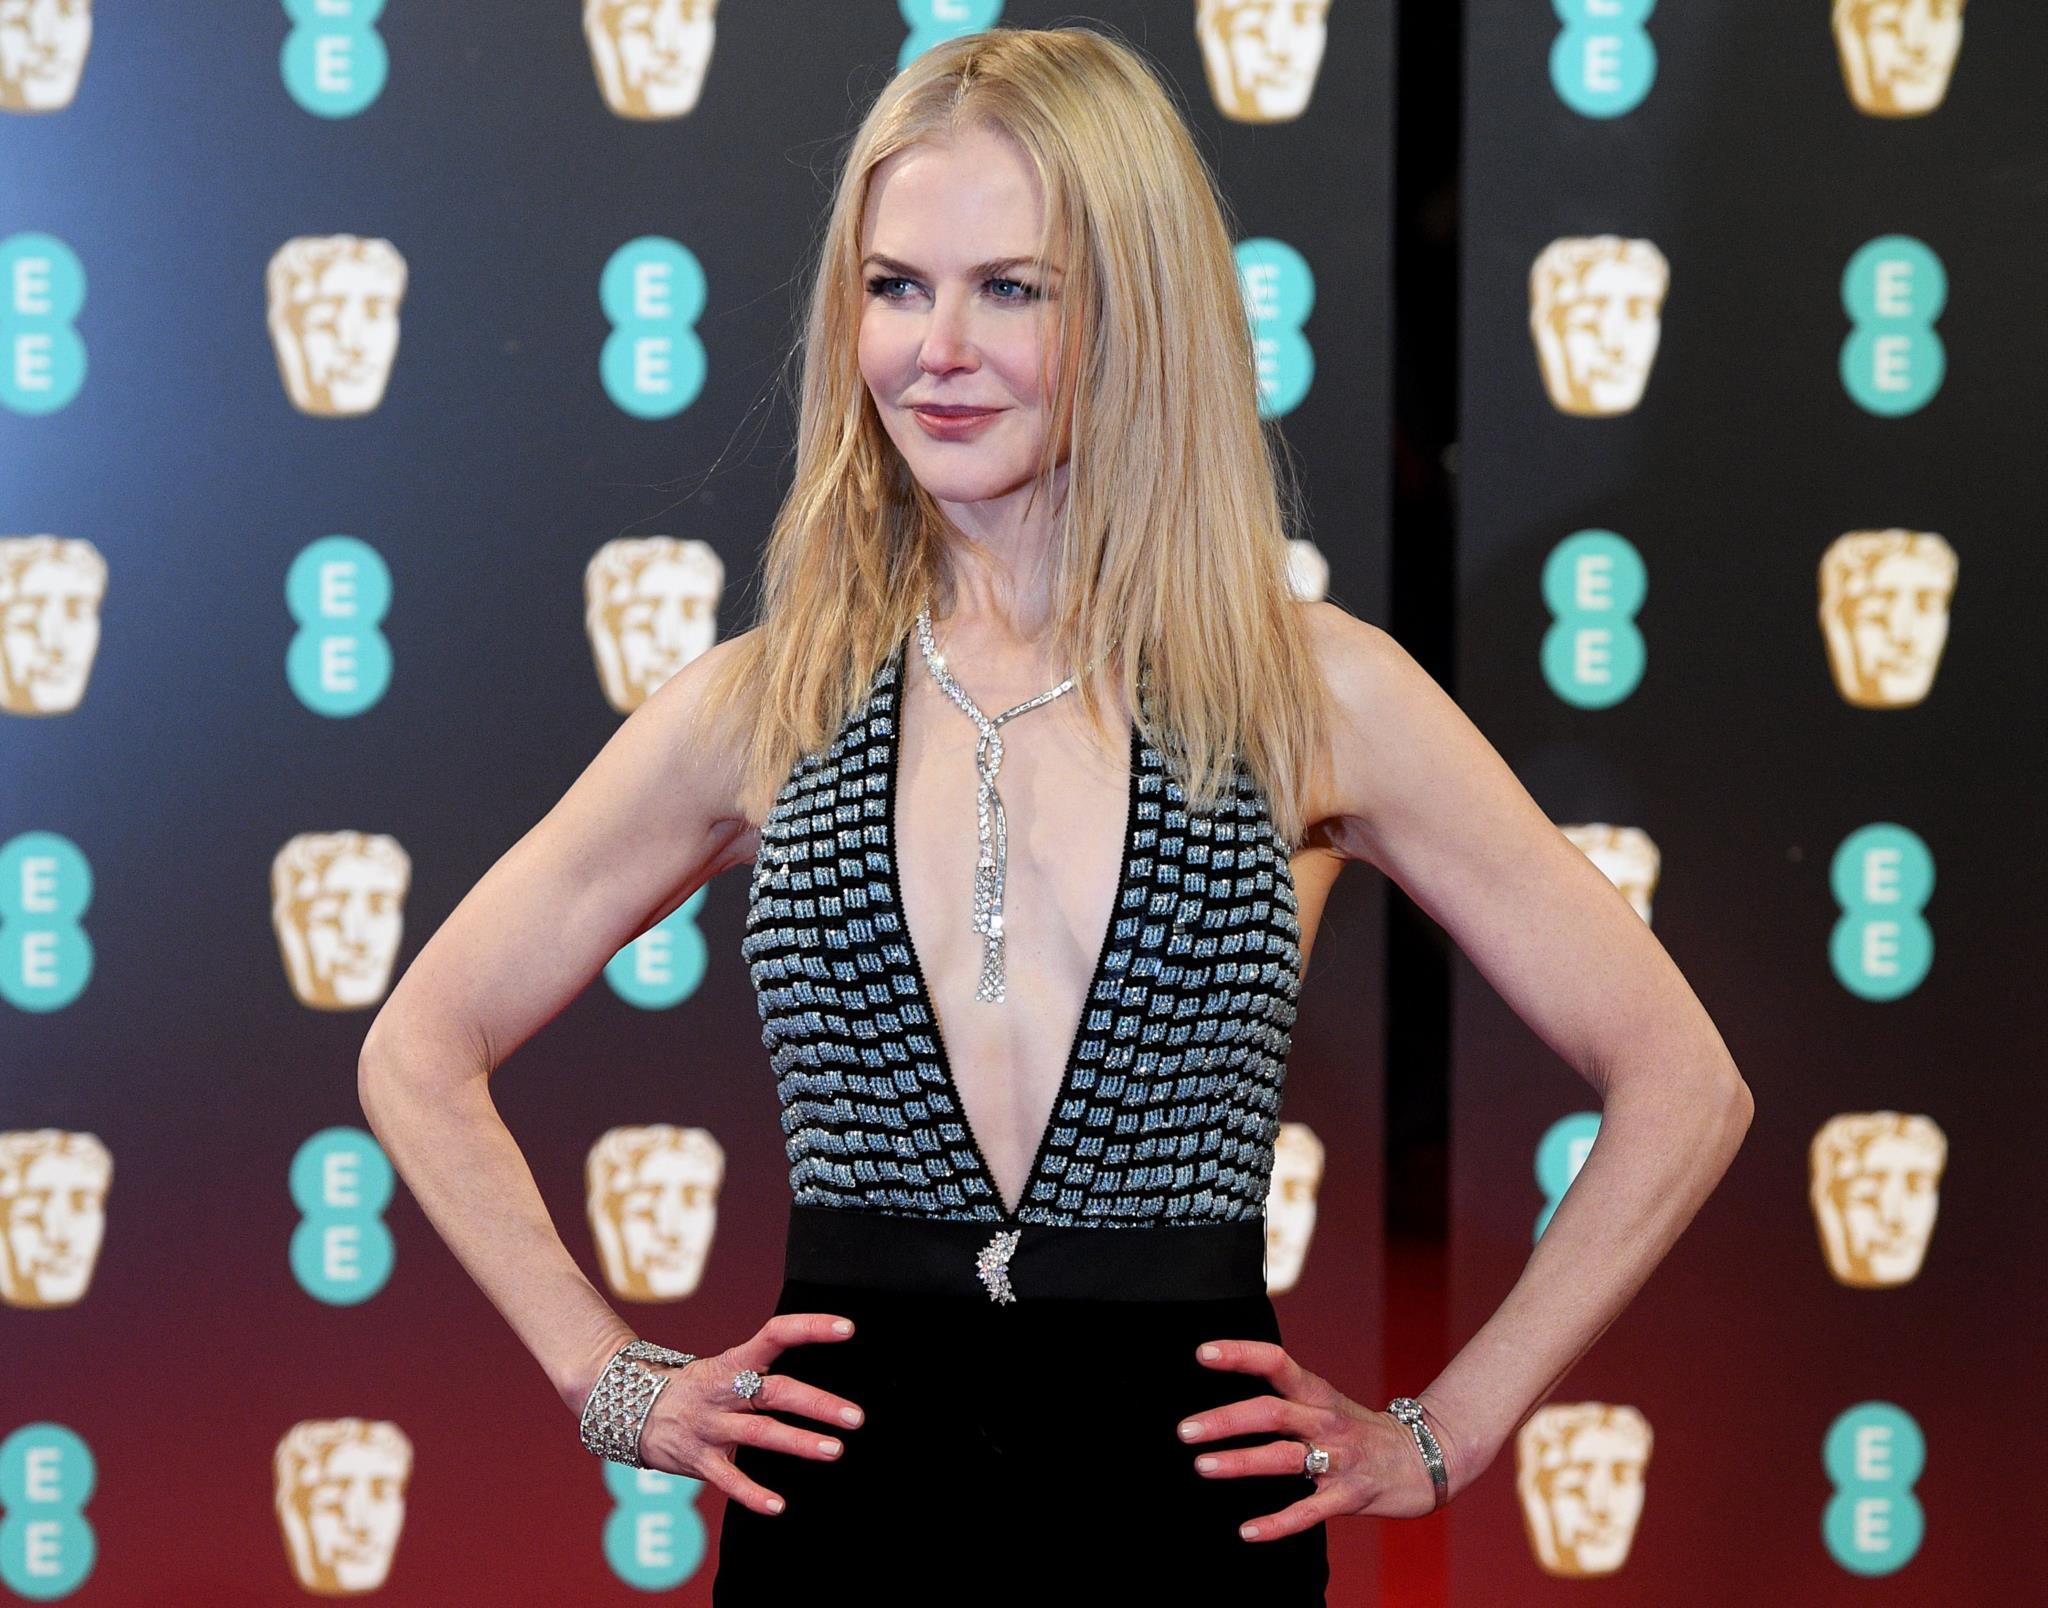 Nicole Kidman com um colar, pulseira, anel e pregadeira de diamantes Harry Winston